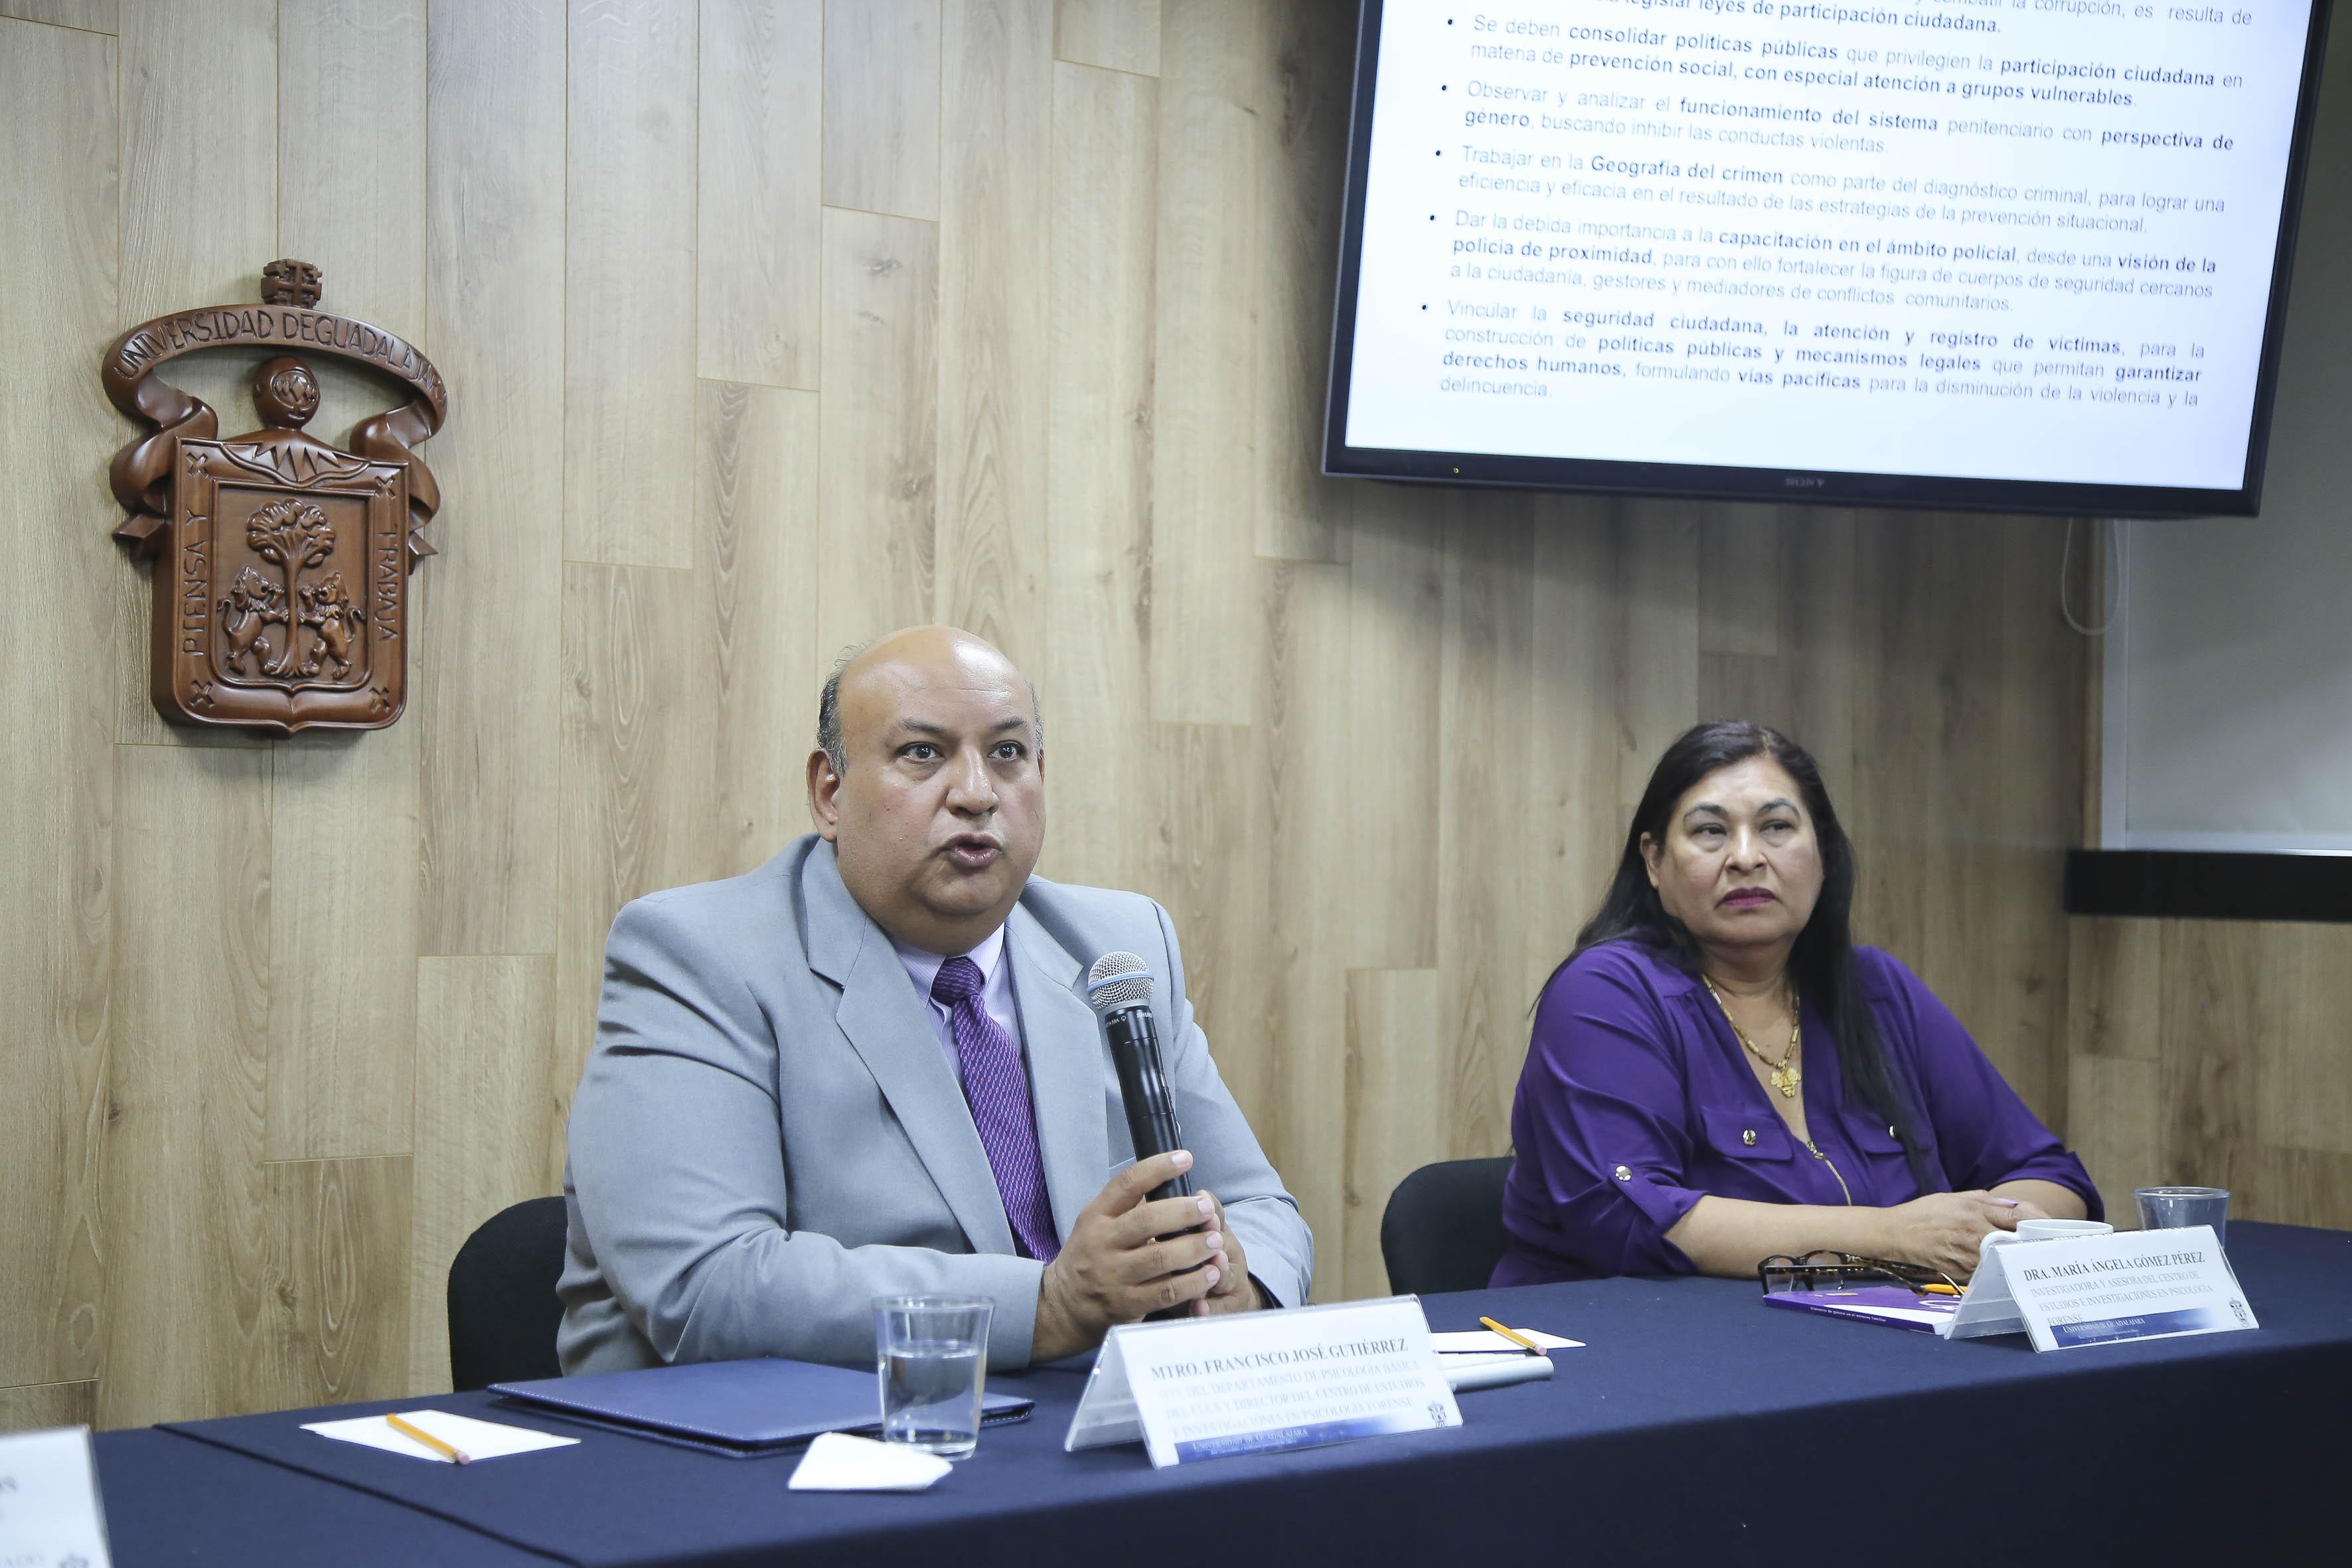 Al micrófono el Mtro. Francisco Gutiérrez Rodríguez